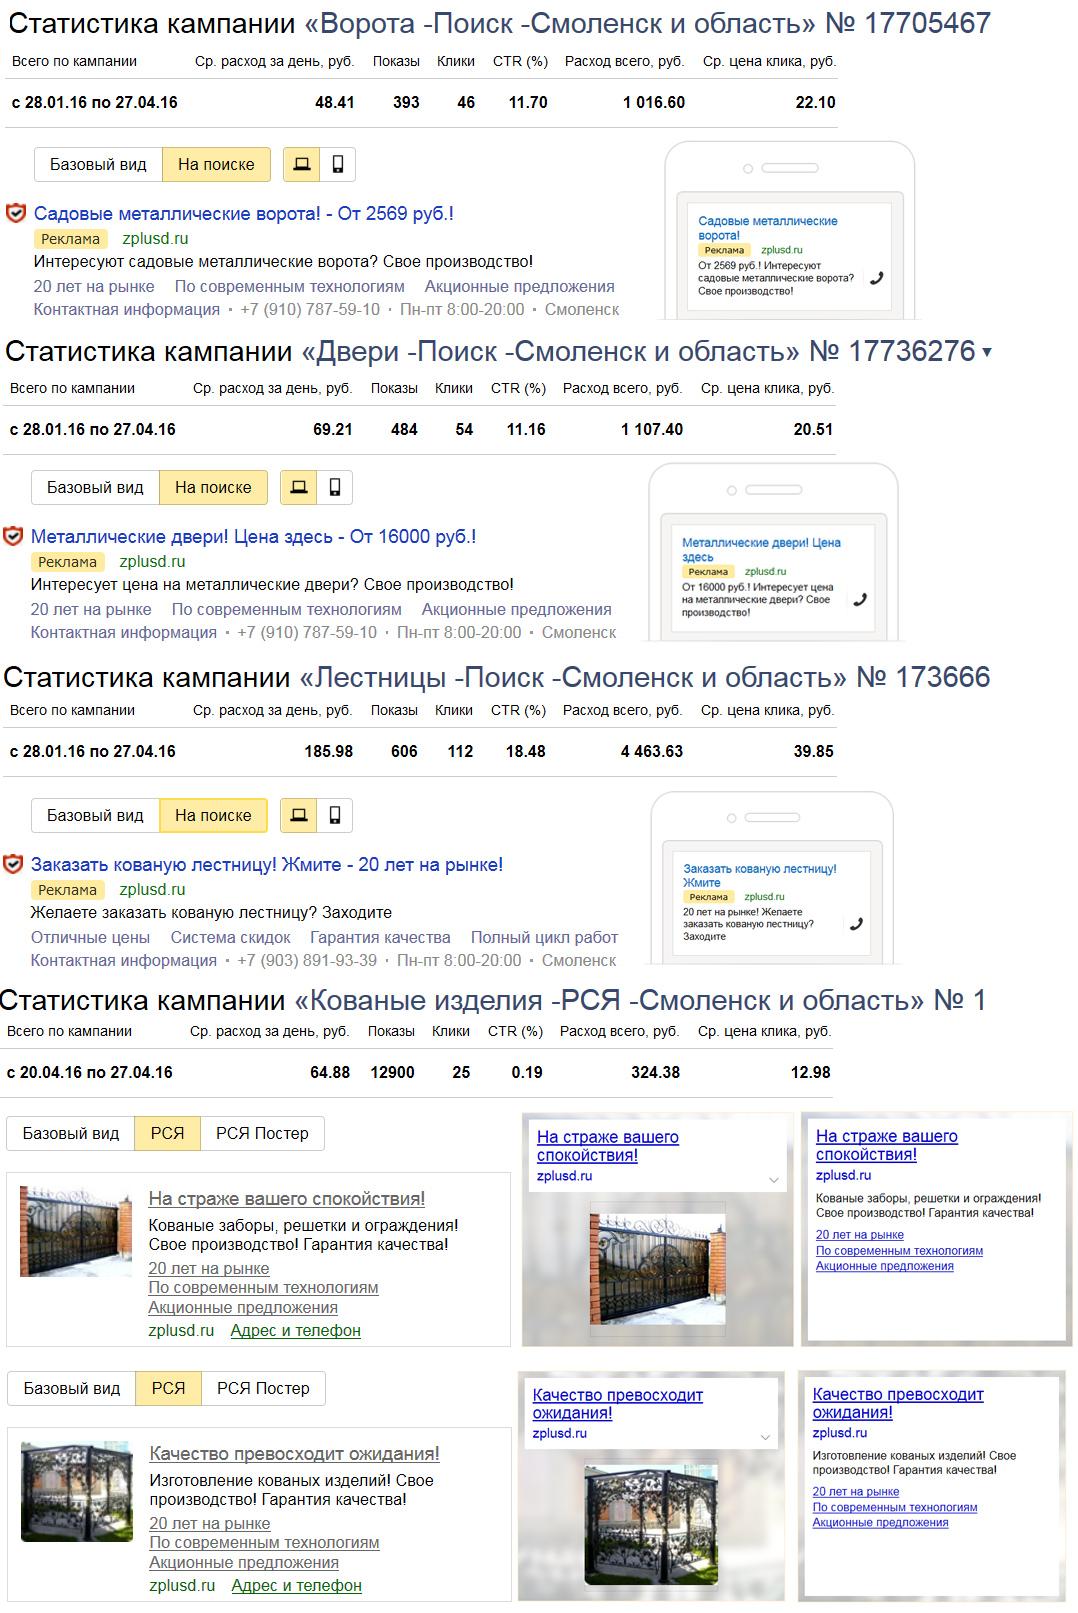 Кованые изделия: ворота, двери, лестницы - CTR 12-18%